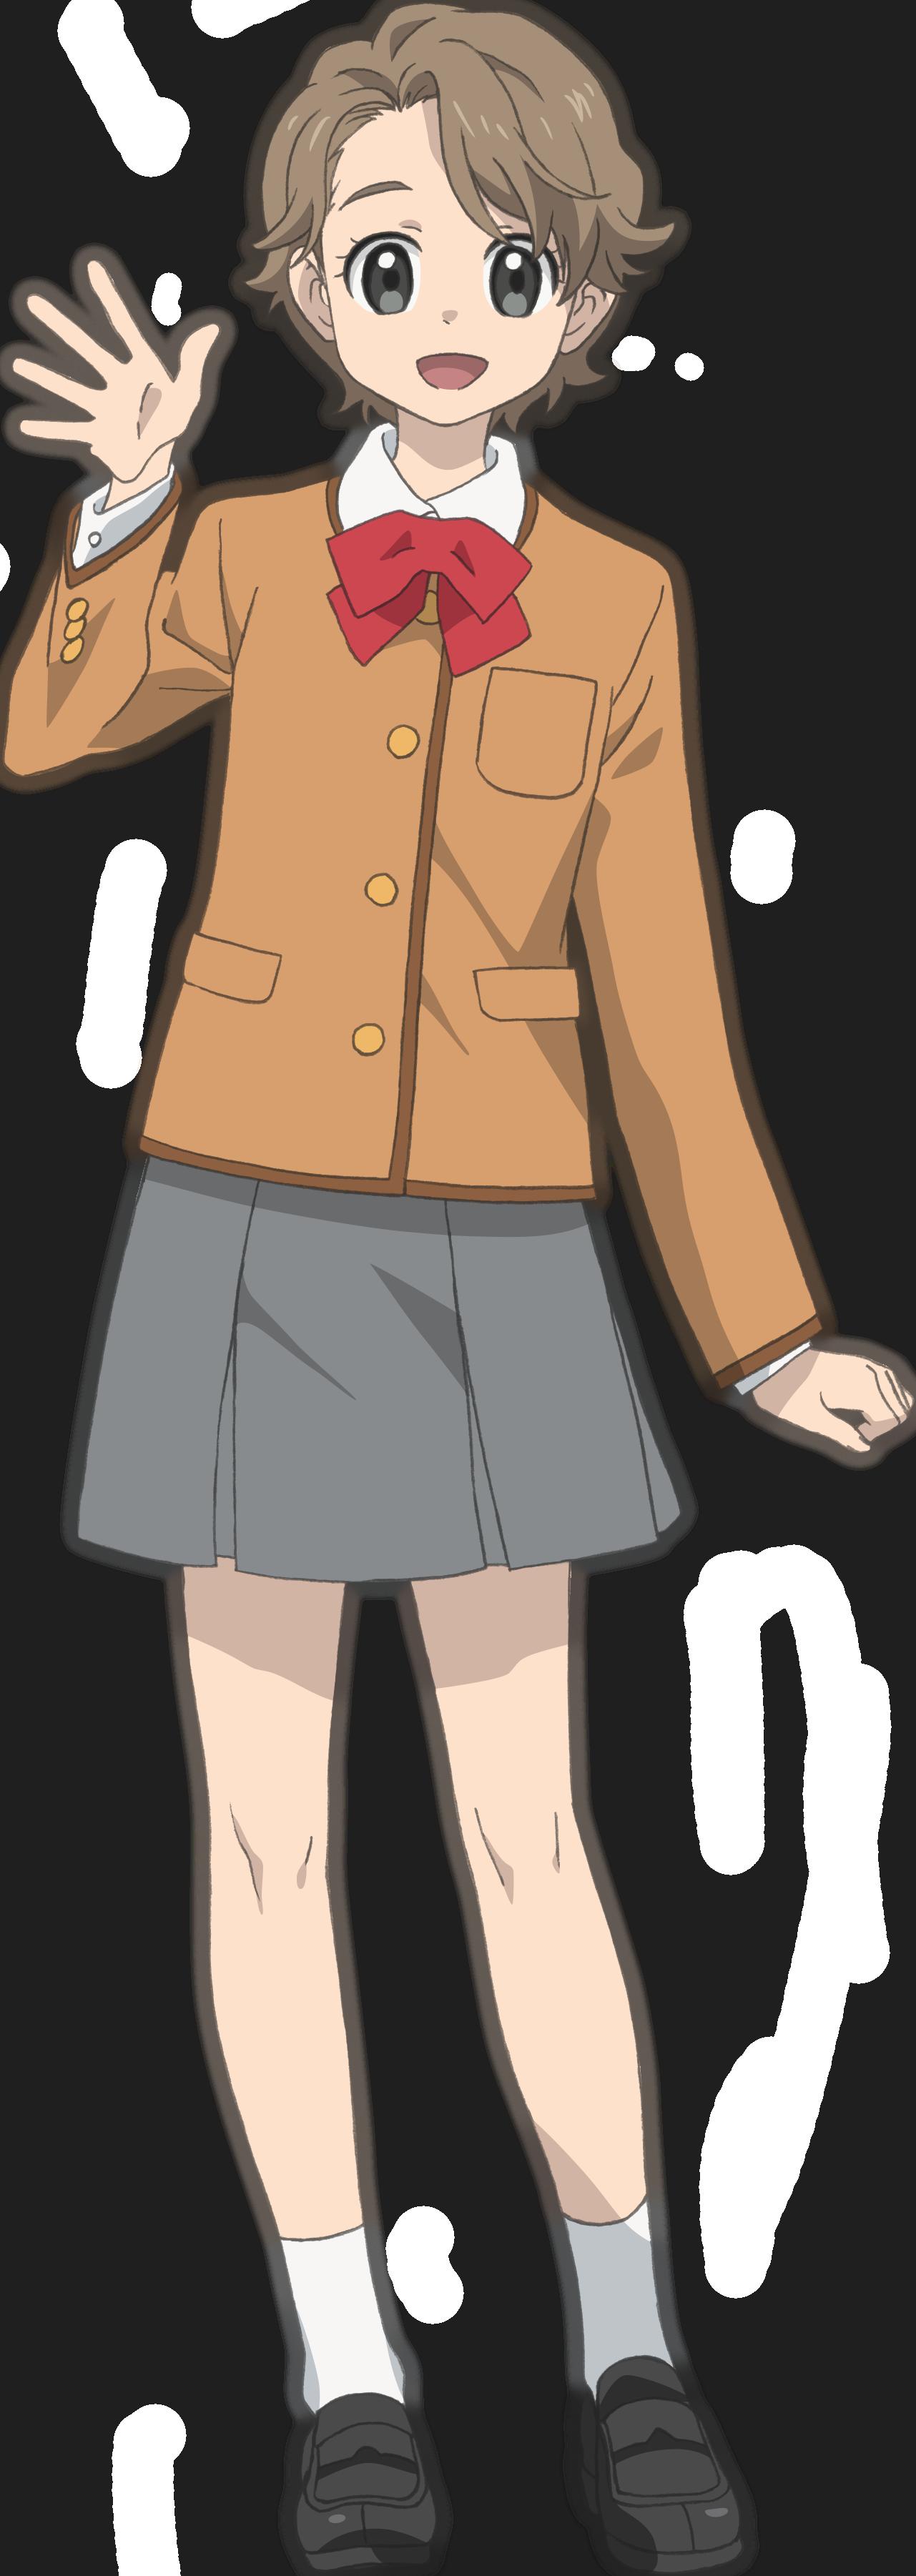 TVアニメ「ましろのおと」山野桜